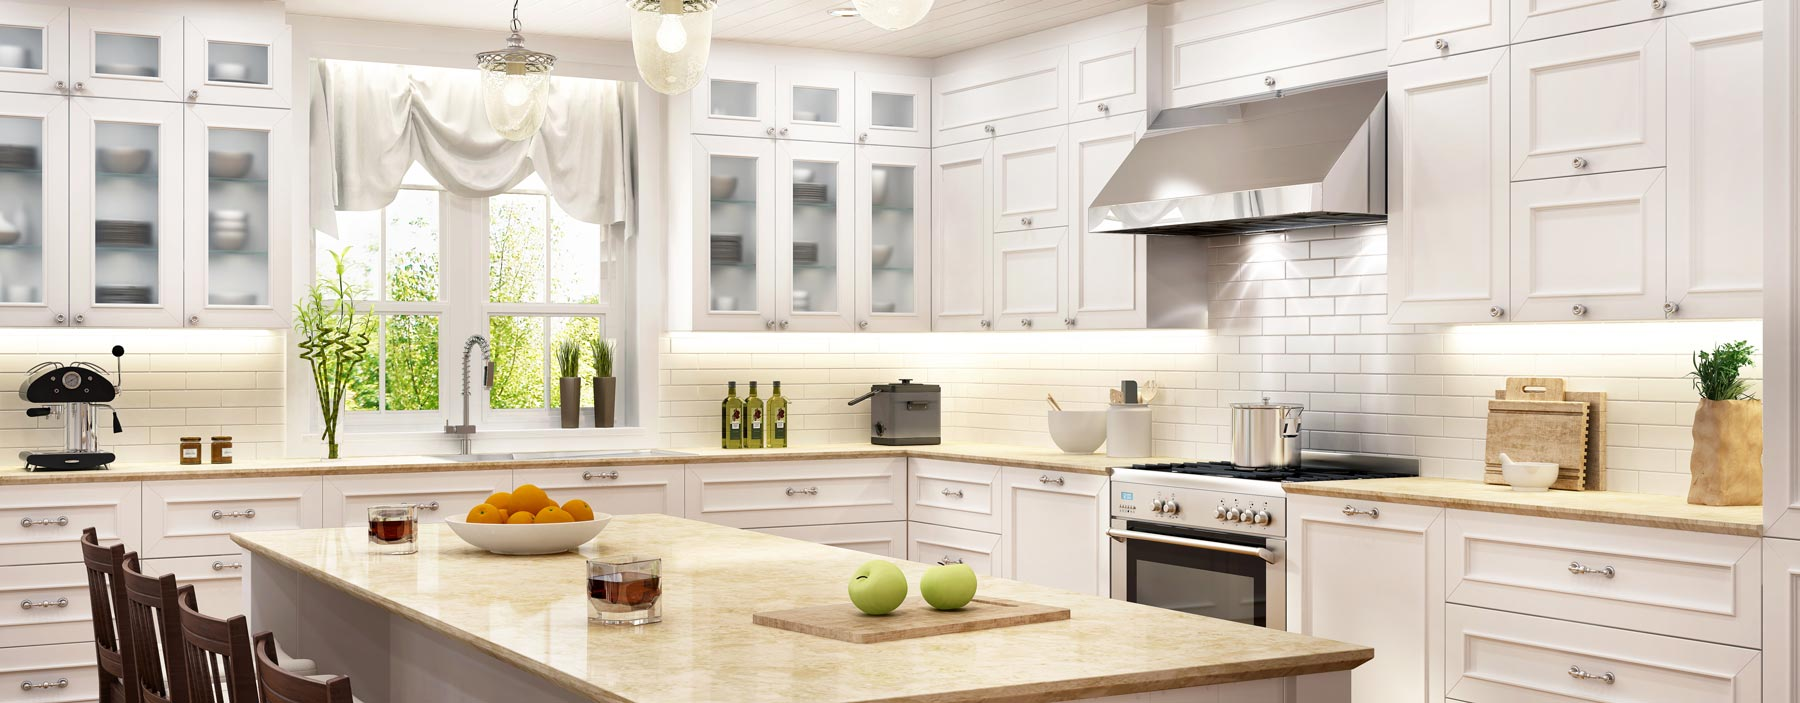 klasyczne stylowe meble kuchenne w warszawie